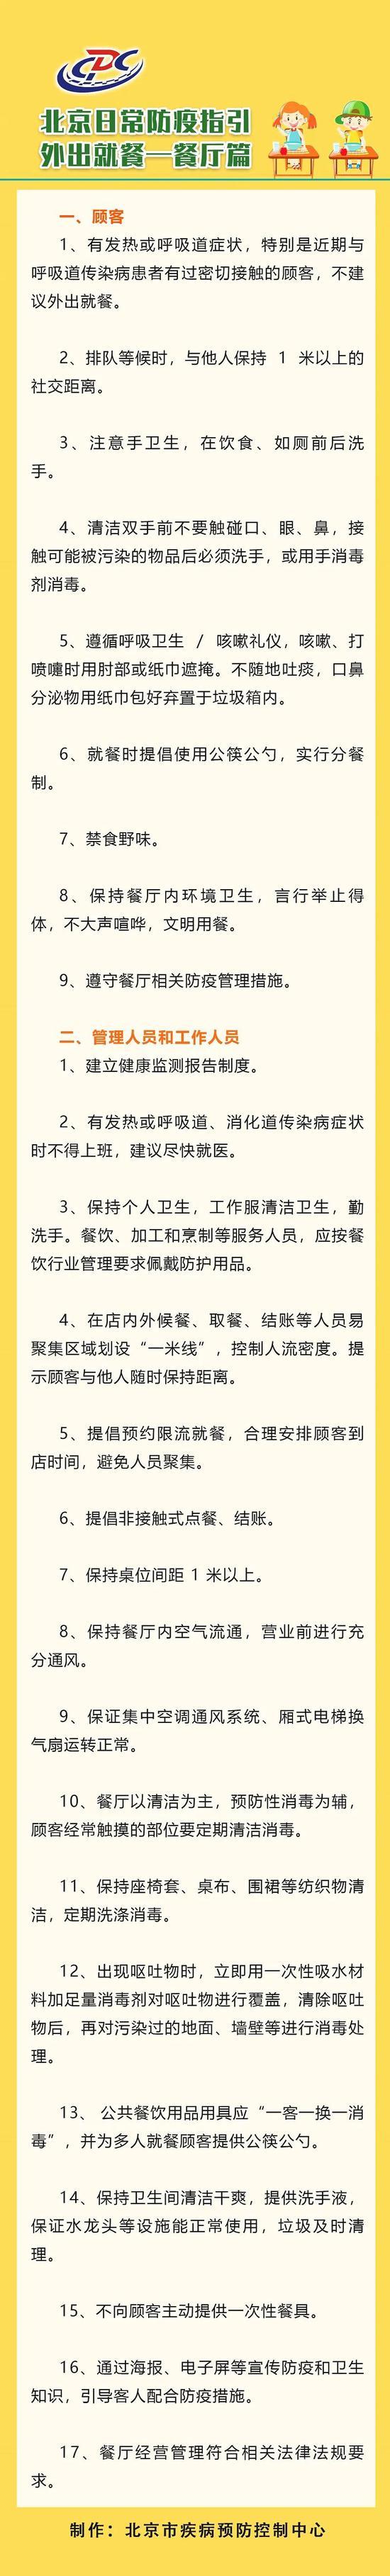 北京疾控发布餐厅防疫指引:实行分餐制、禁食野味图片